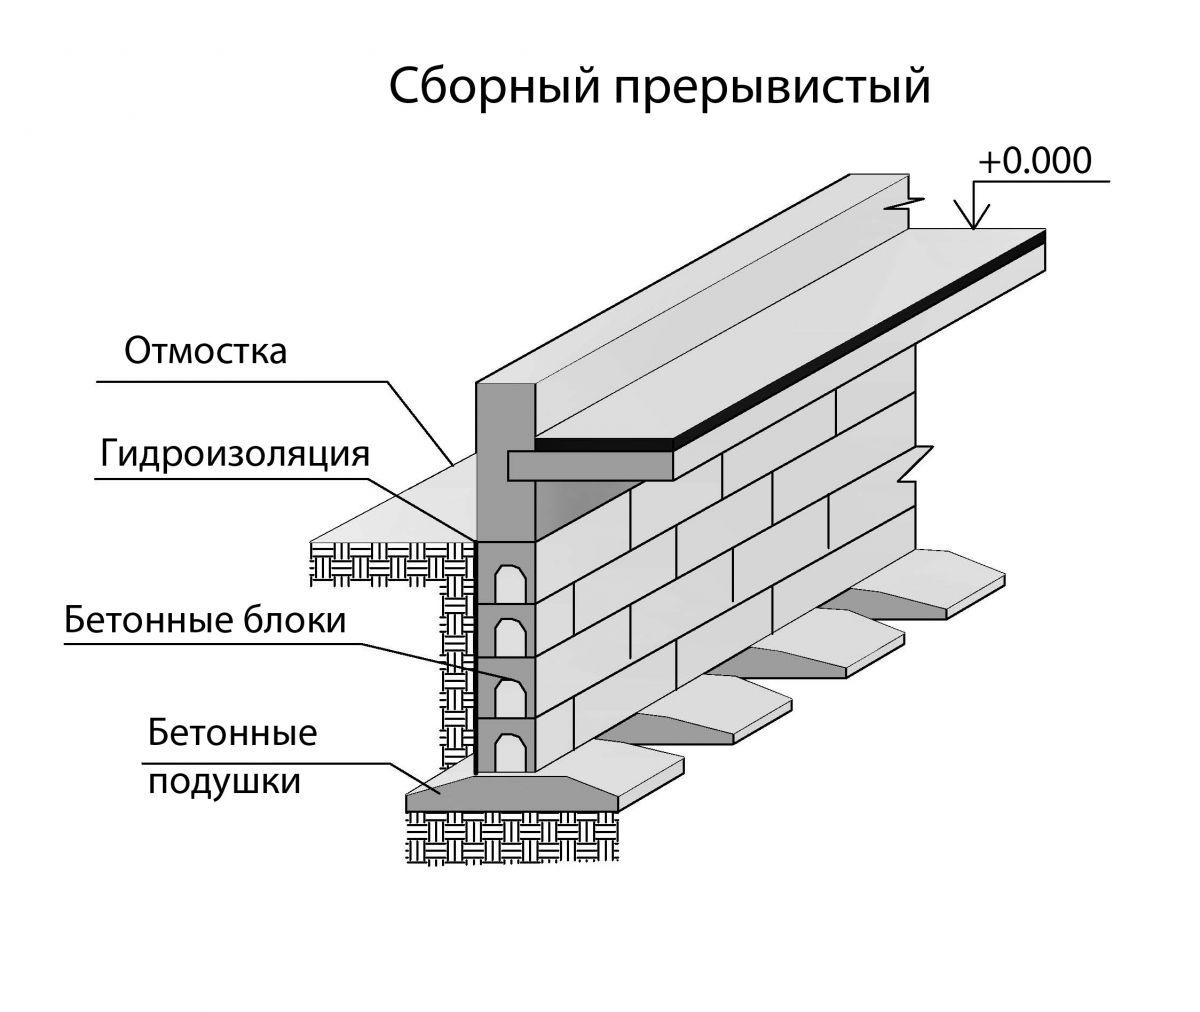 Залить фундамент цена Подольский район